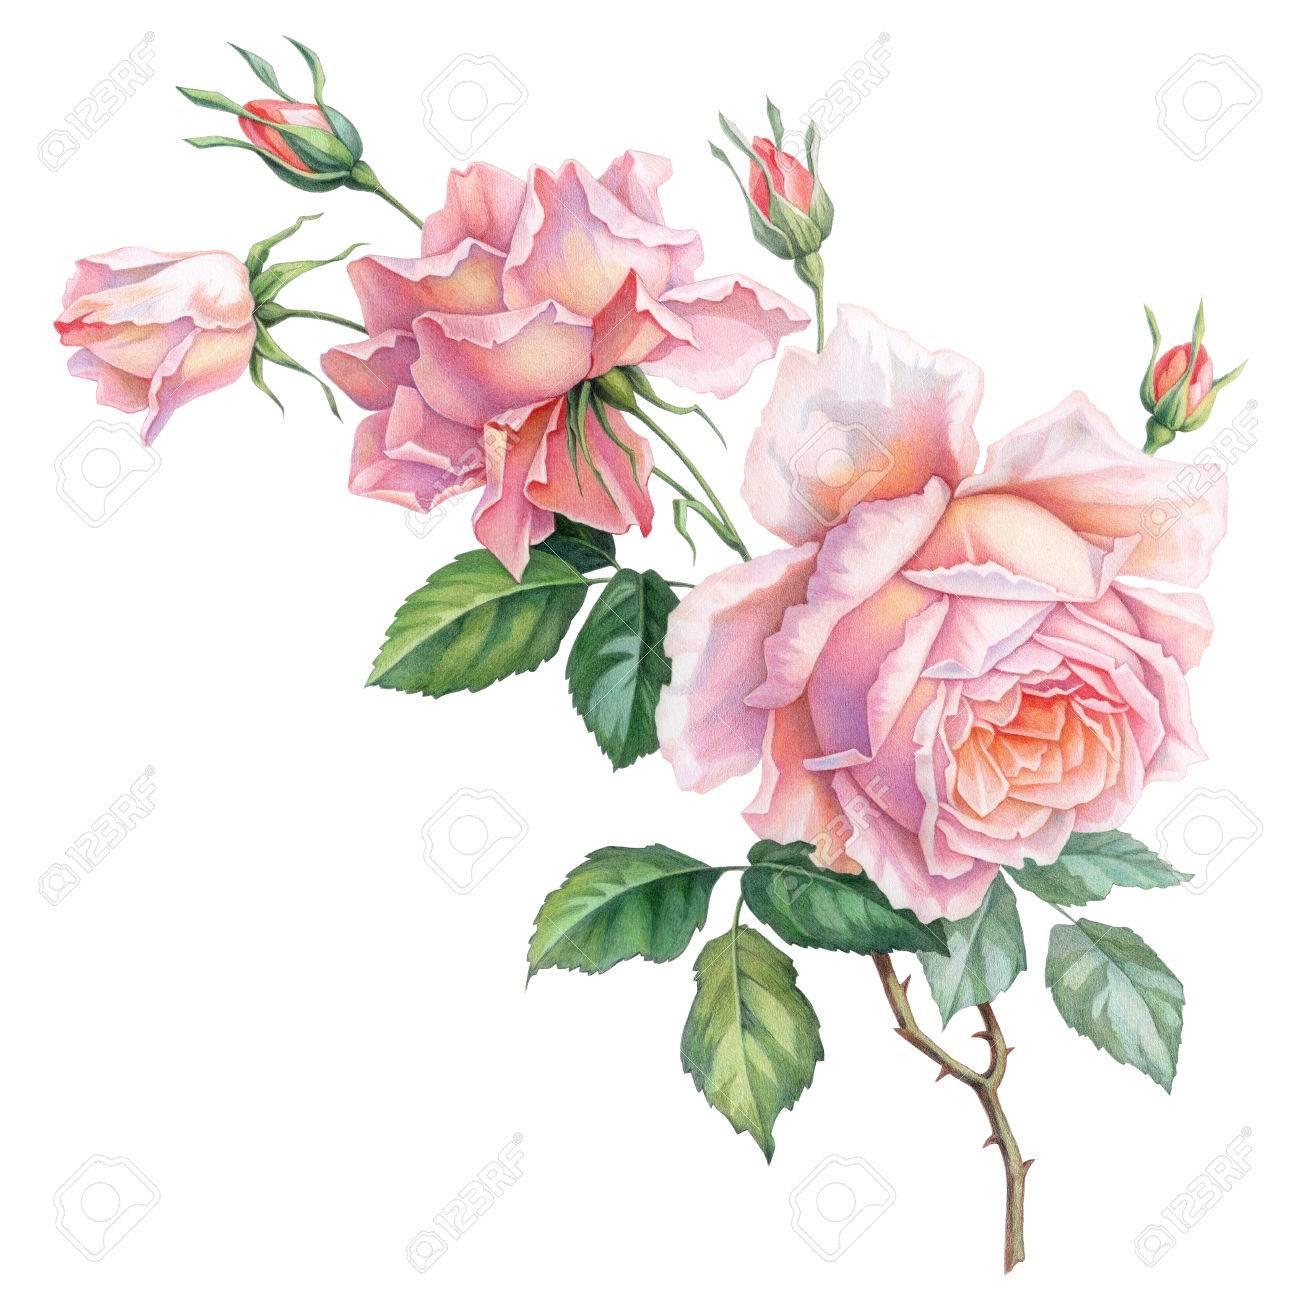 Rosa Weiße Vintage Rosen Blumen Isoliert Auf Weißem Hintergrund